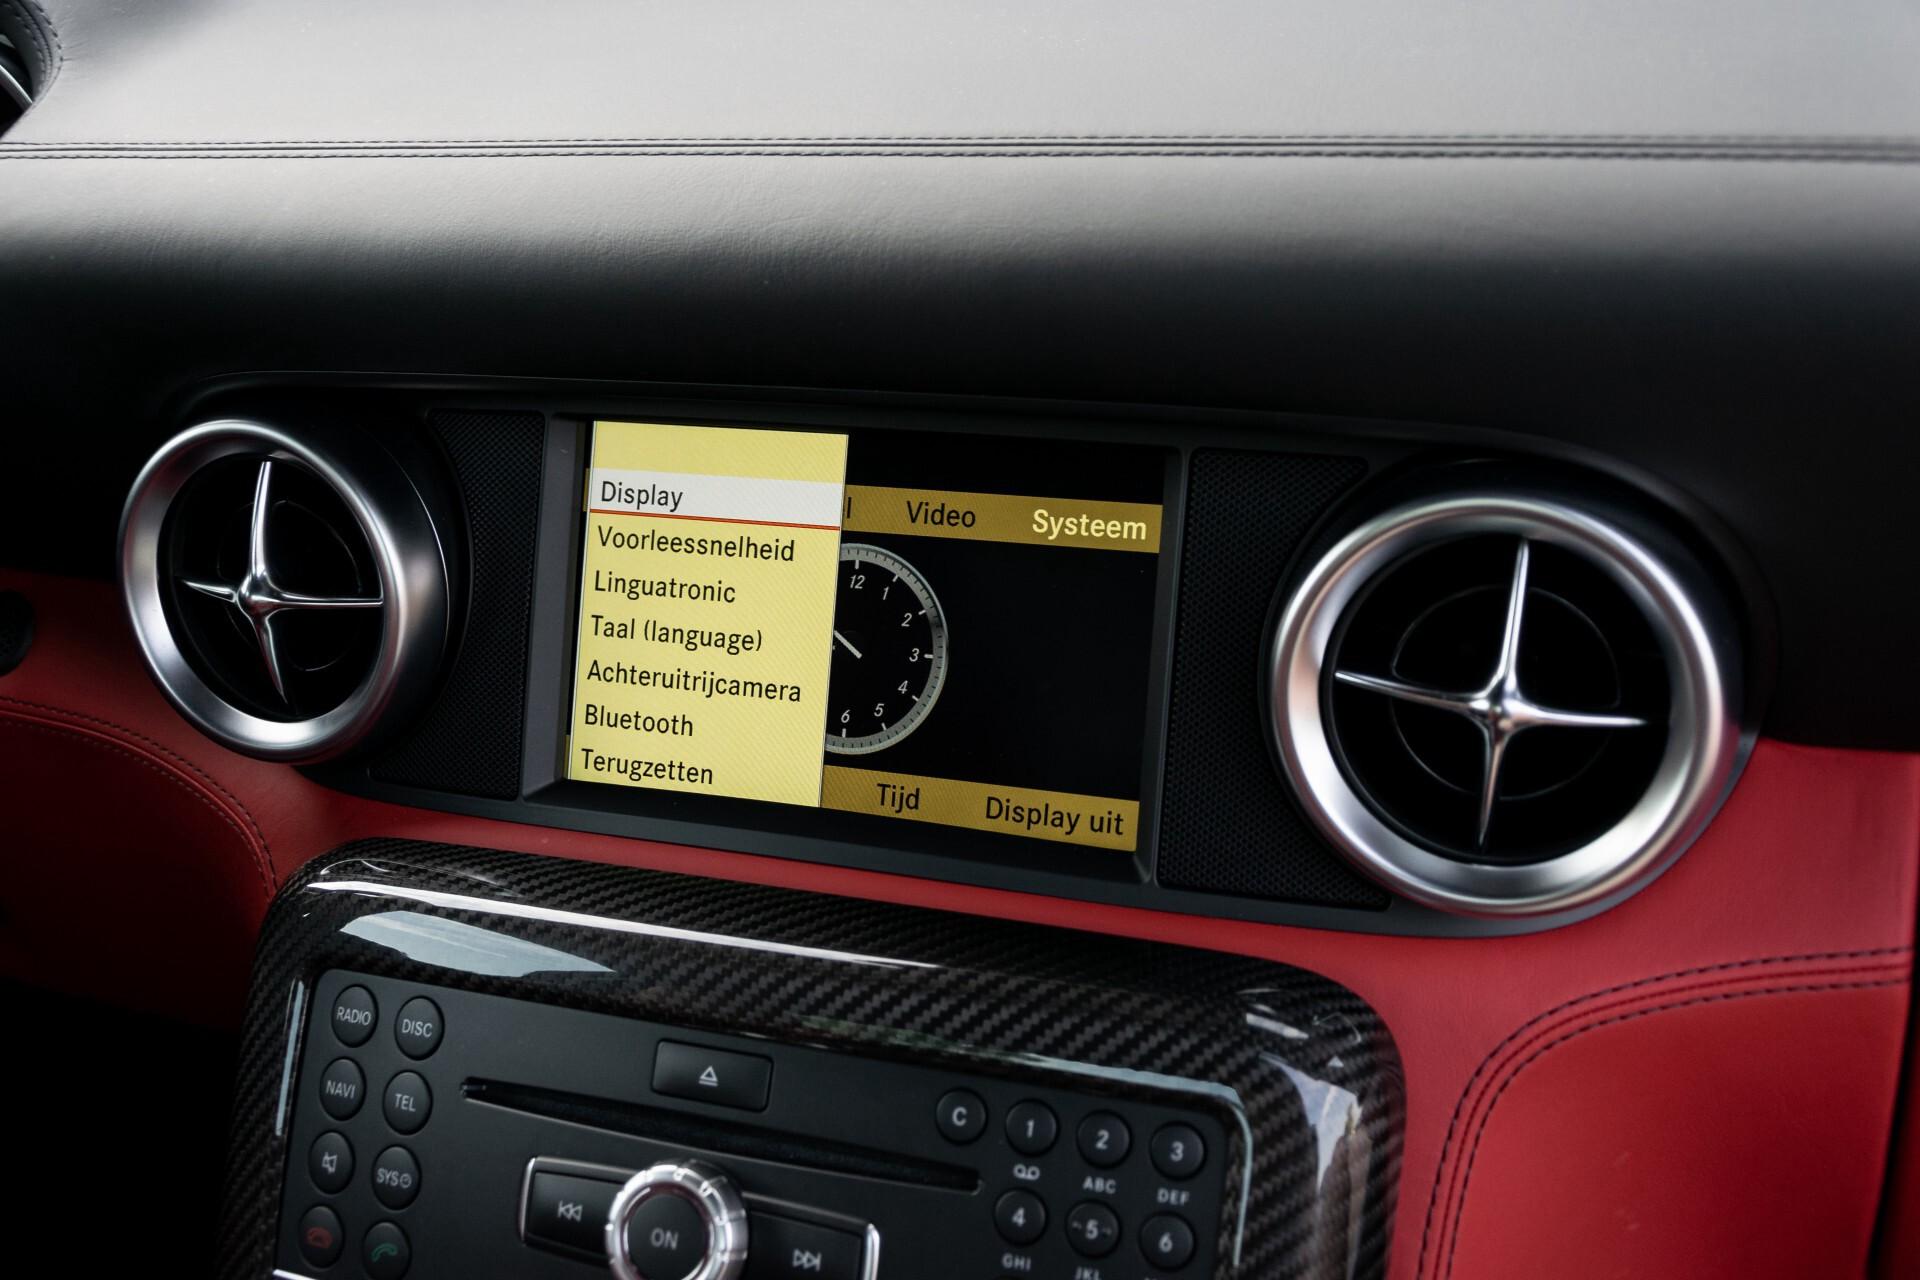 Mercedes-Benz SLS Coupé 6.3 AMG 1ste eigenaar/NL Auto FULL OPTIONS Aut7 Foto 24